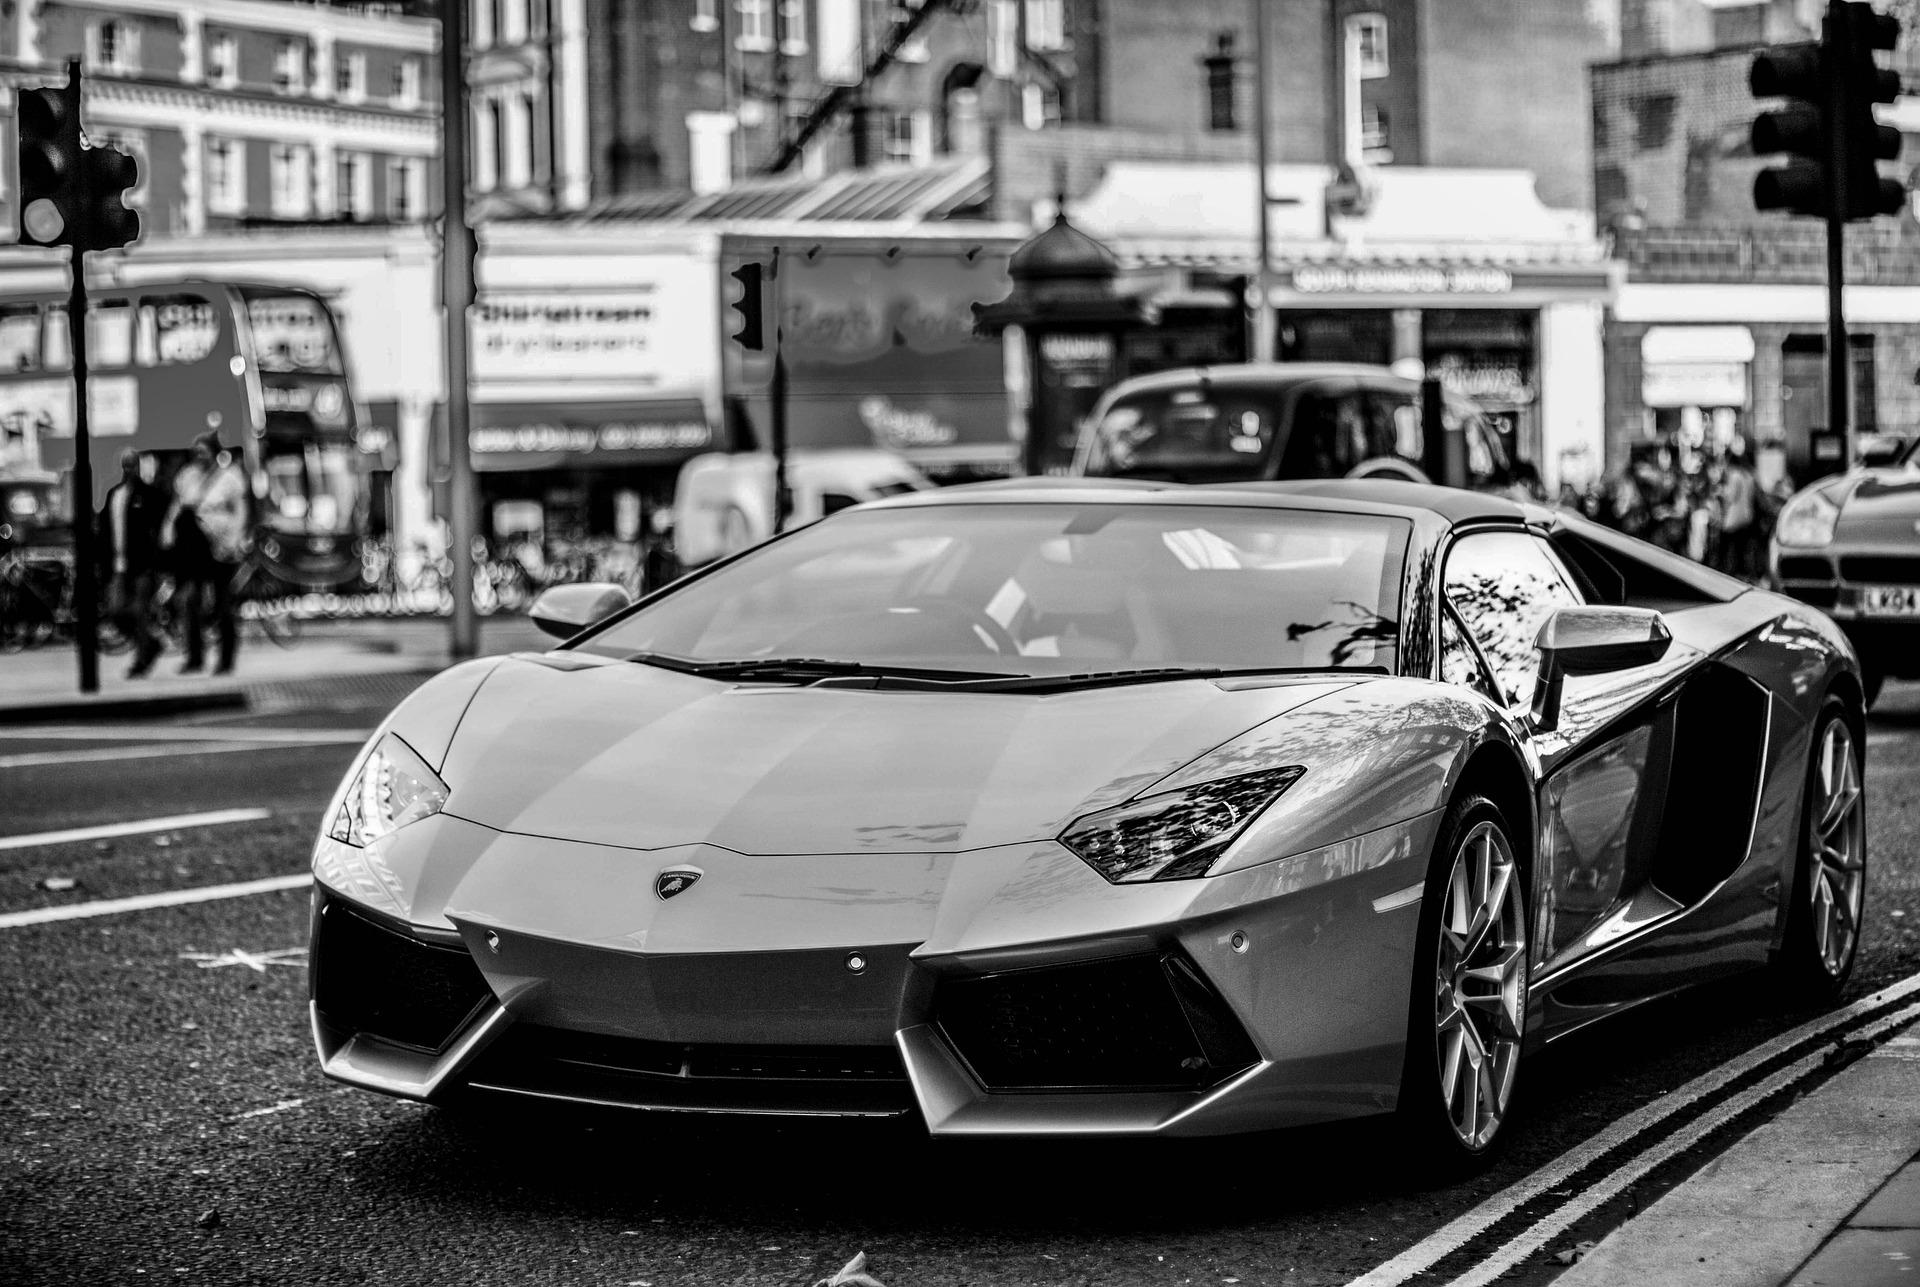 Lamborghini Modelli E Costo Del Nuovo E Dell Usato